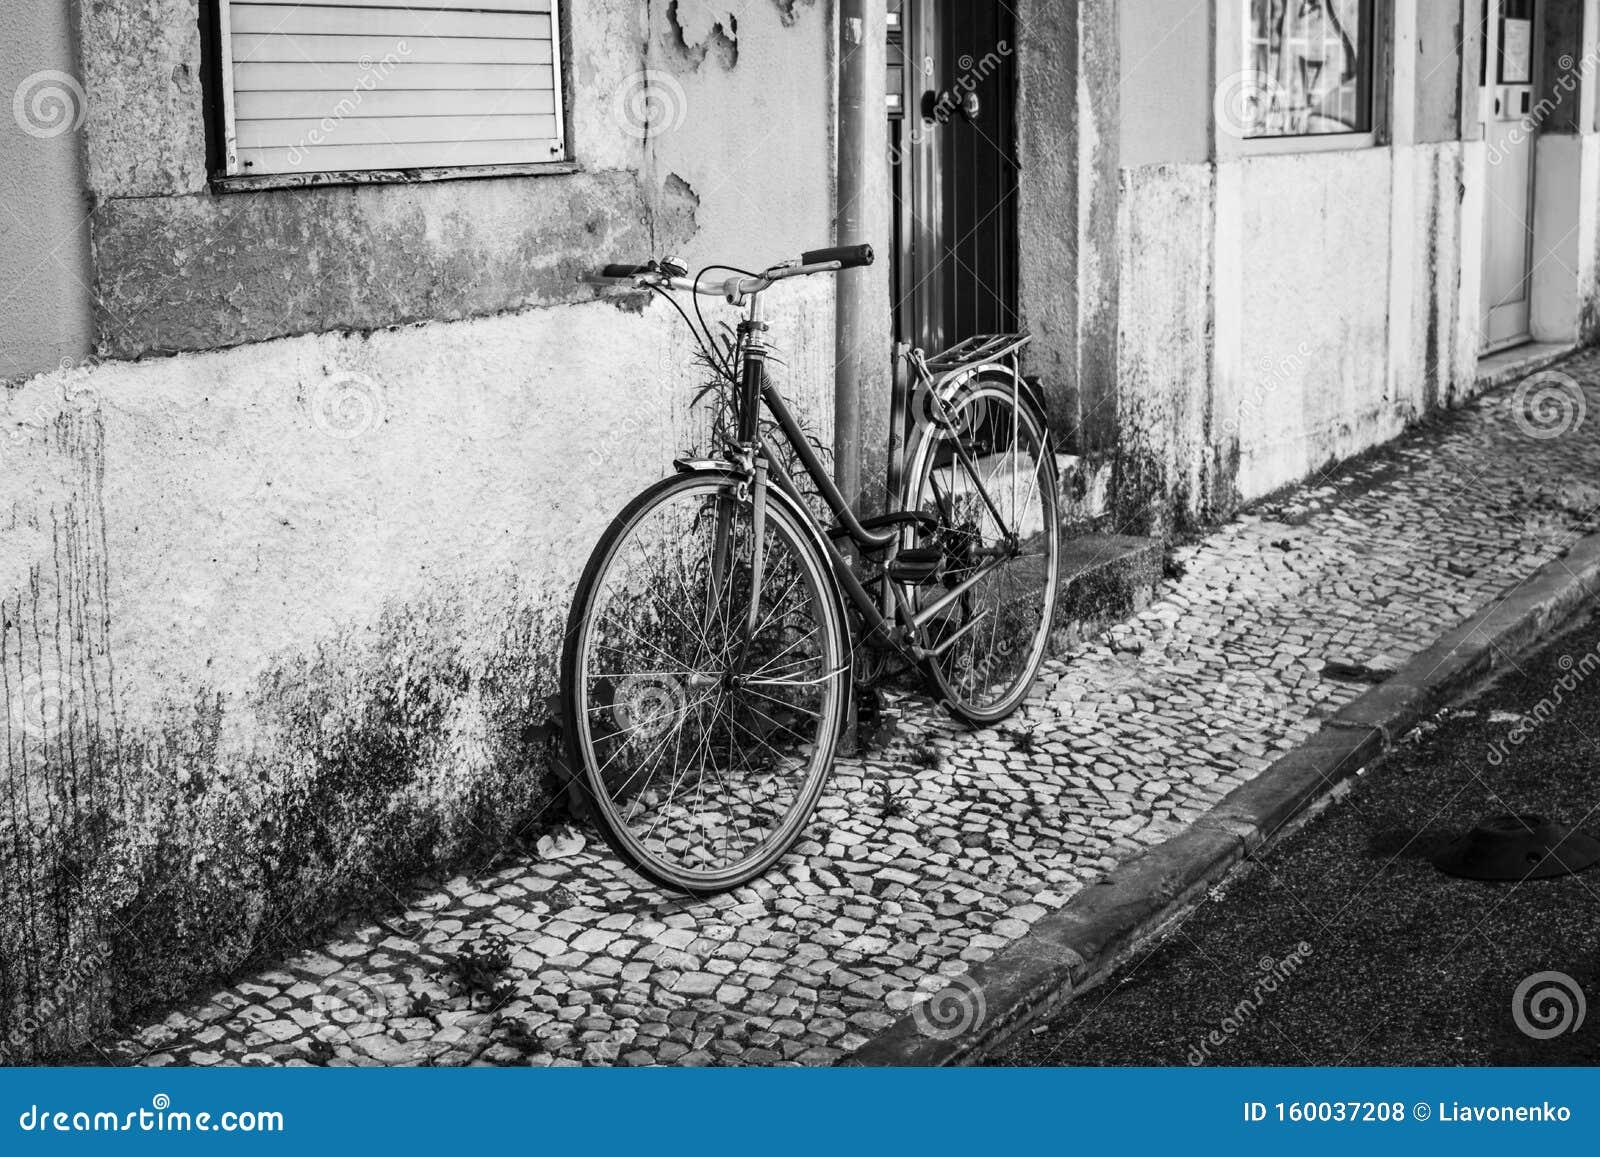 Calles de Lisboa. Bicicleta vieja. Foto blanco y negro de Pek?n, China. B&W. Fotograf?a de la calle